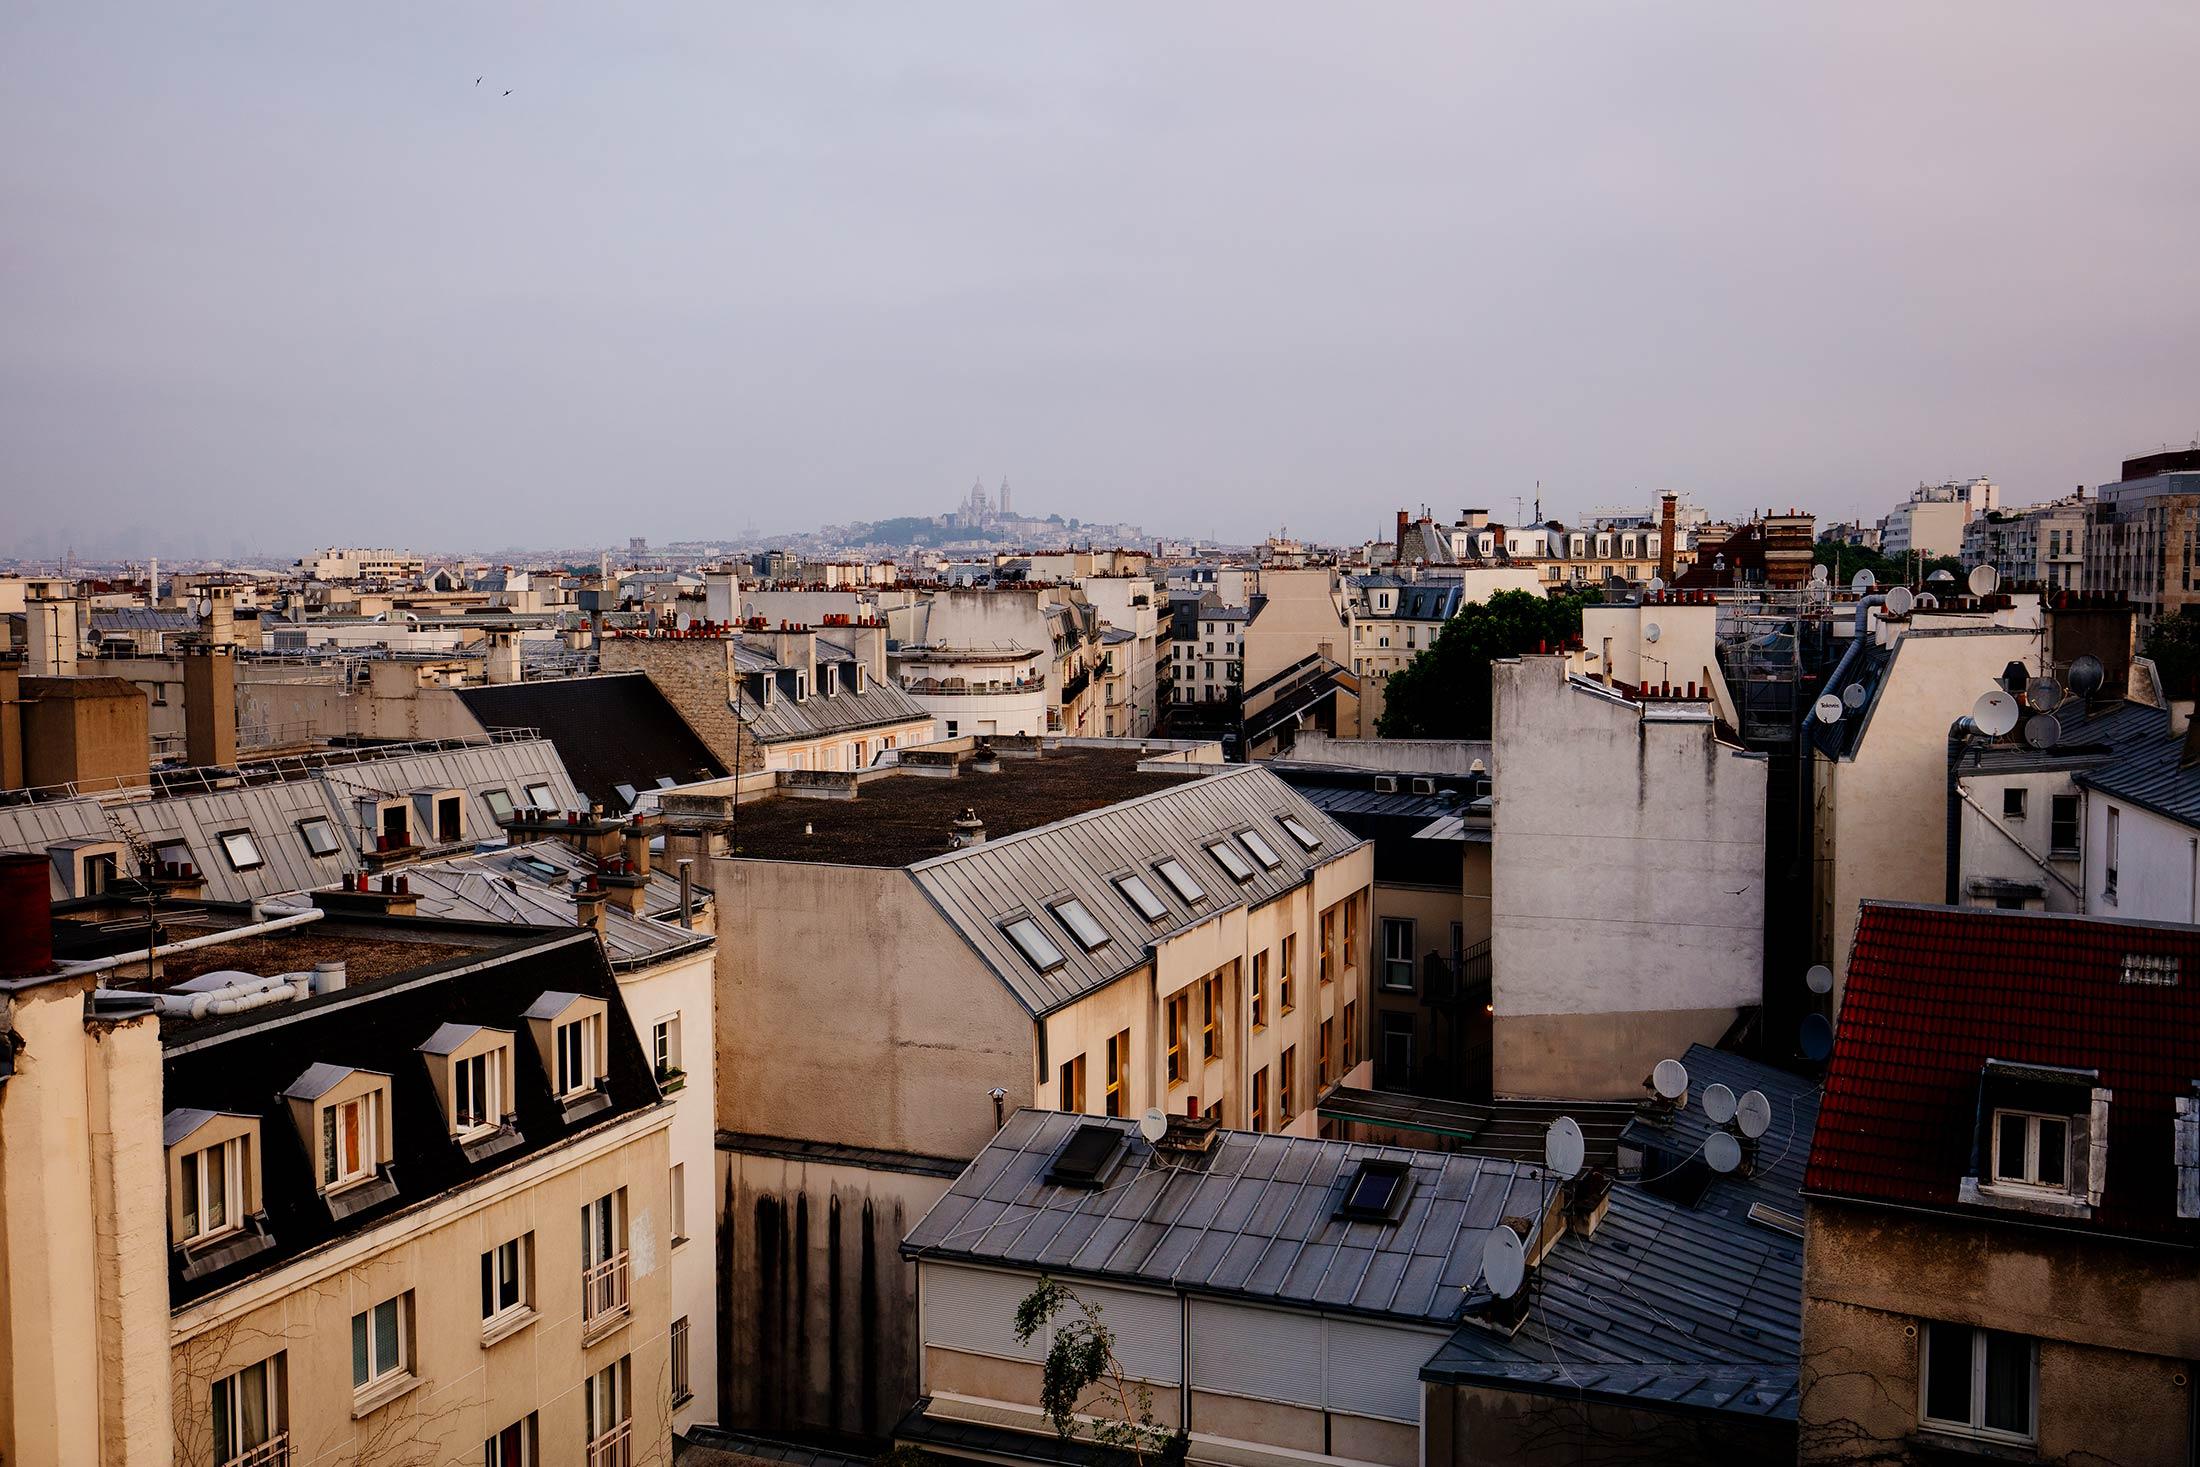 PAR_Paris_01-Mitja_Schneehage